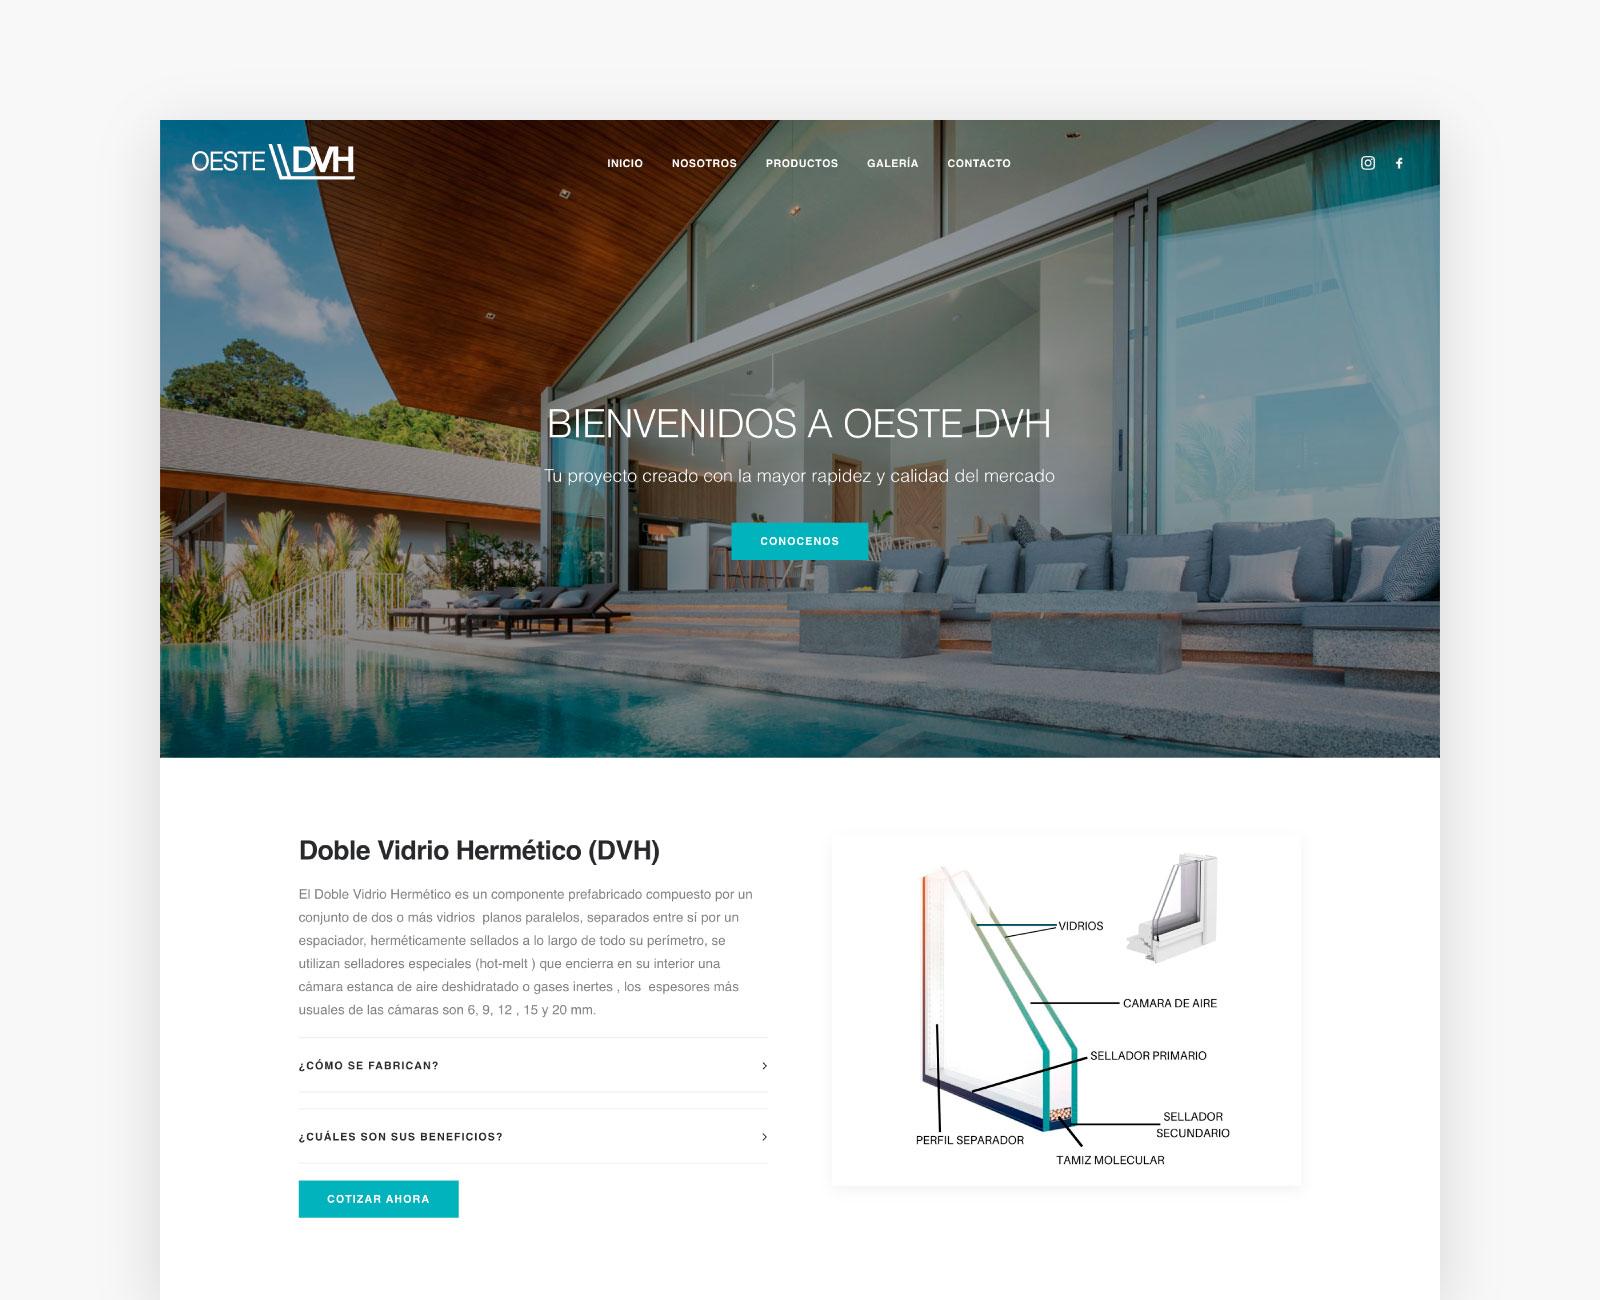 diseñador web córdoba